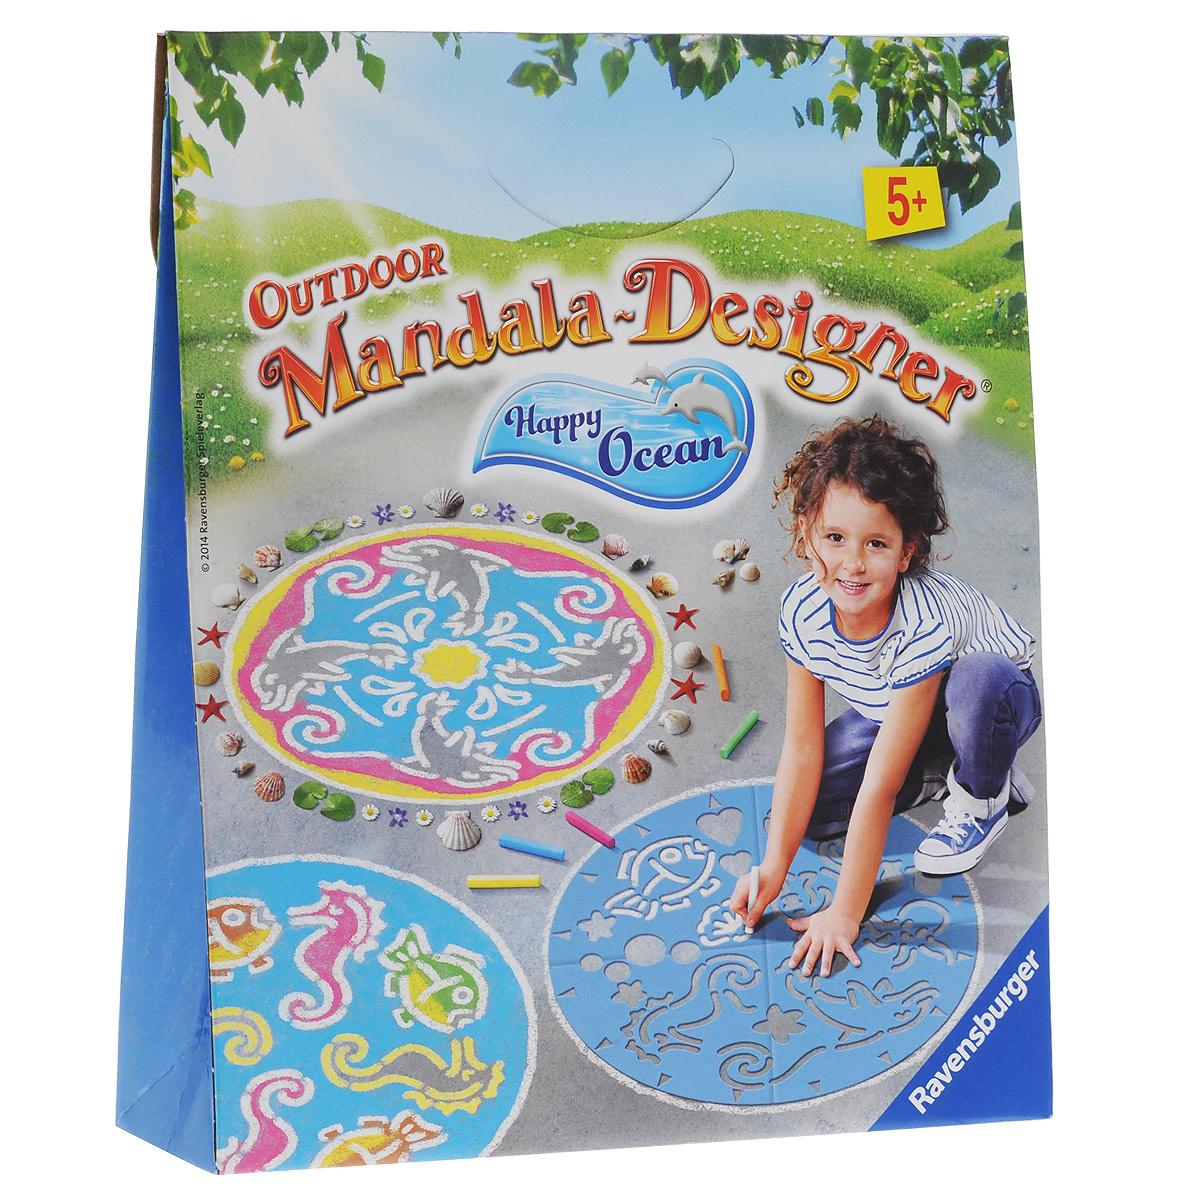 """С помощью набора для творчества Ravensburger """"Мандала для улицы: Подводный мир"""" ваш малыш легко нарисует круглые картины с изображением различных обитателей подводного мира: рыбок, дельфинов, осьминогов, морских коньков. Теперь ребенок сможет заниматься творчеством на свежем воздухе! Достаточно положить трафарет на поверхность, расставить отметки по указанным на шаблоне стрелочкам для создания симметрии рисунка и вращать мандалу, обводя контуры желаемых фигур. Создавая картину, юные дизайнеры учатся творчески мыслить, развивают воображение и художественные навыки. В набор входят шаблон, 6 мелков синего, розового, желтого, зеленого, коричневого и белого цветов, а также иллюстрированная брошюра с возможными вариантами мандалы. Порадуйте своего ребенка таким замечательным подарком! Мандалы - круглые картины с различными равномерно расположенными орнаментами. Отсюда и происходит название """"мандала"""" - круг. Рисование и расписывание мандалы происходит из Восточной..."""